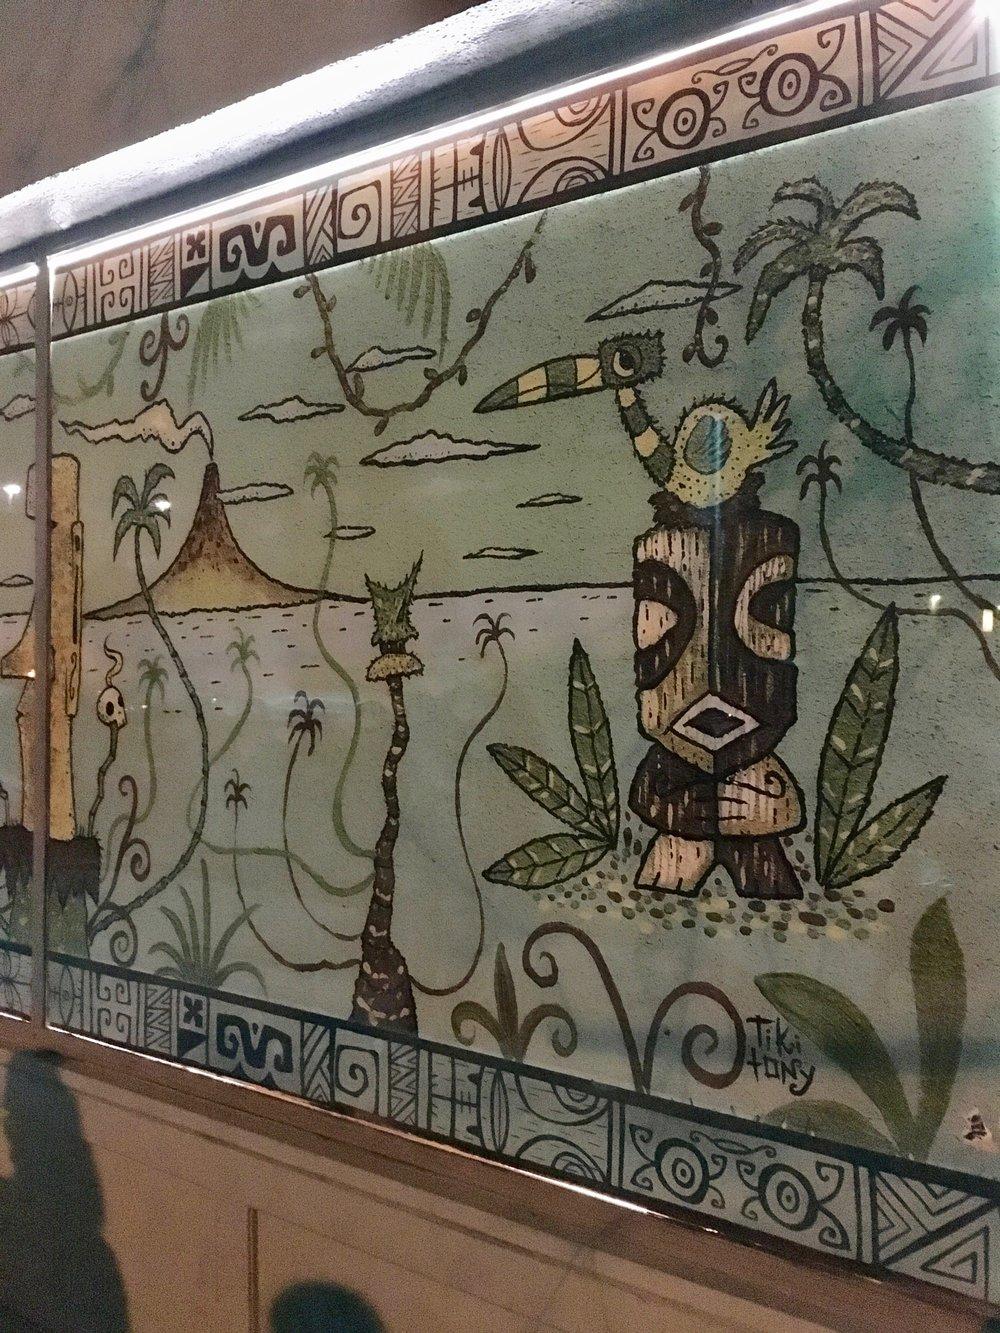 tiki-ko-tiki-tony-mural.jpg